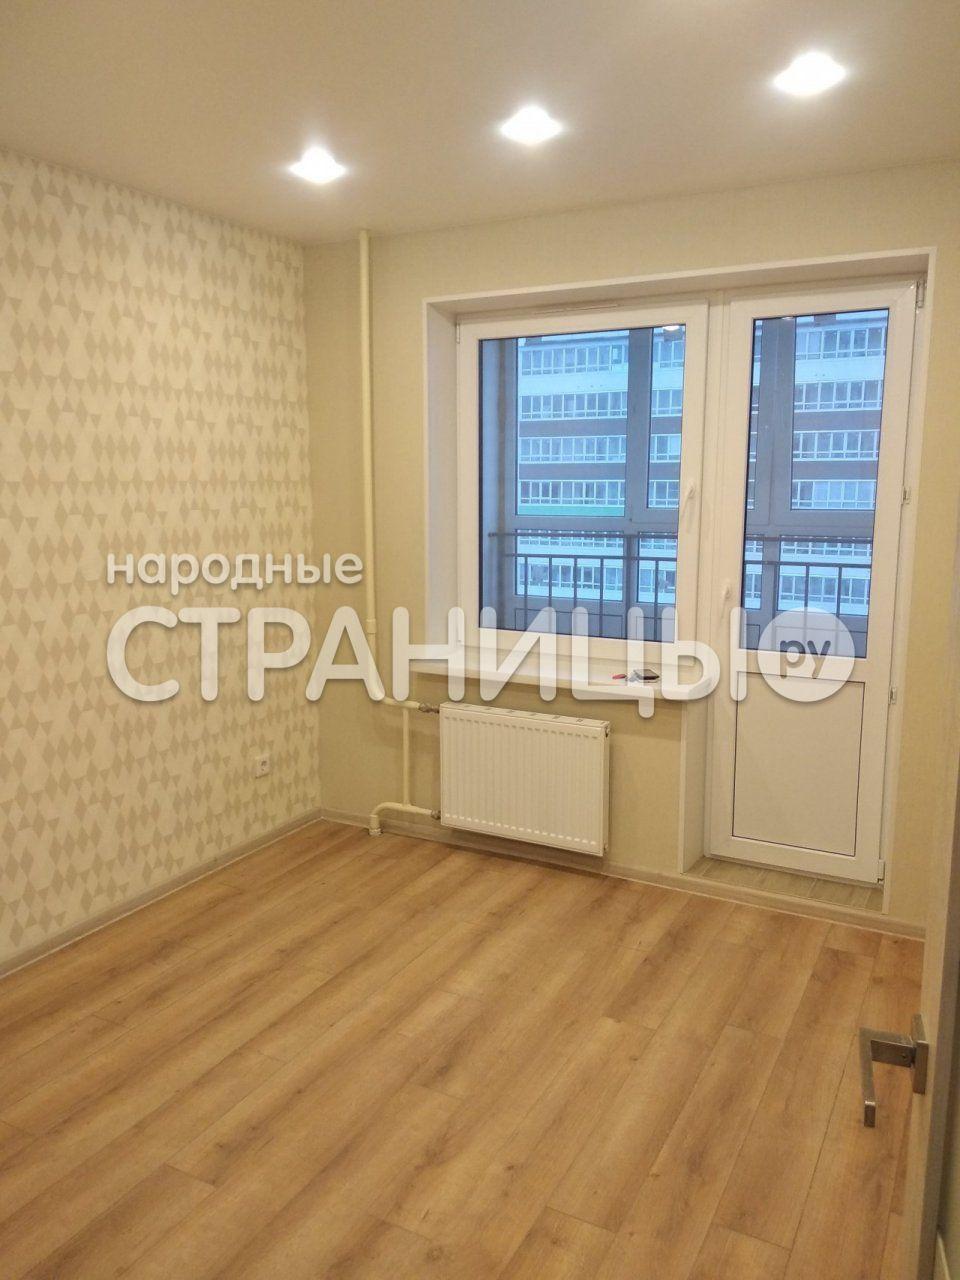 2-комнатная квартира, 44.2 м²,  1/1 эт. Панельный дом